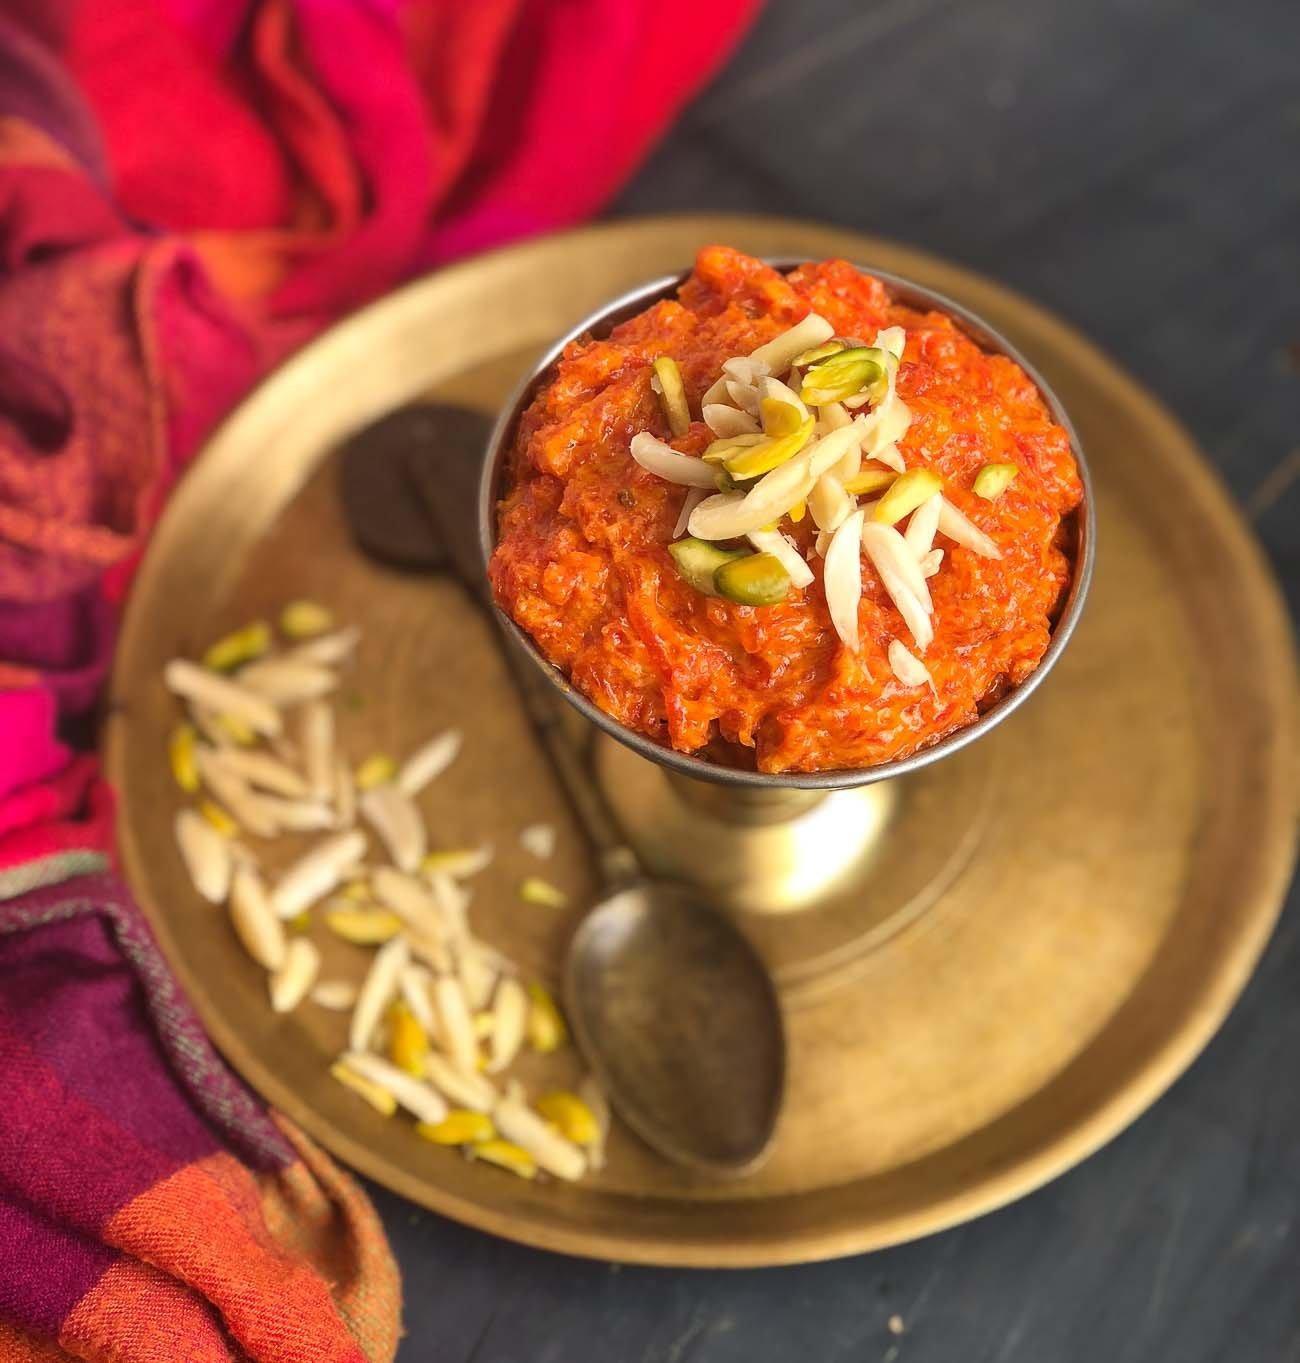 Gajar Halwa Recipe With Khoya by Archana's Kitchen